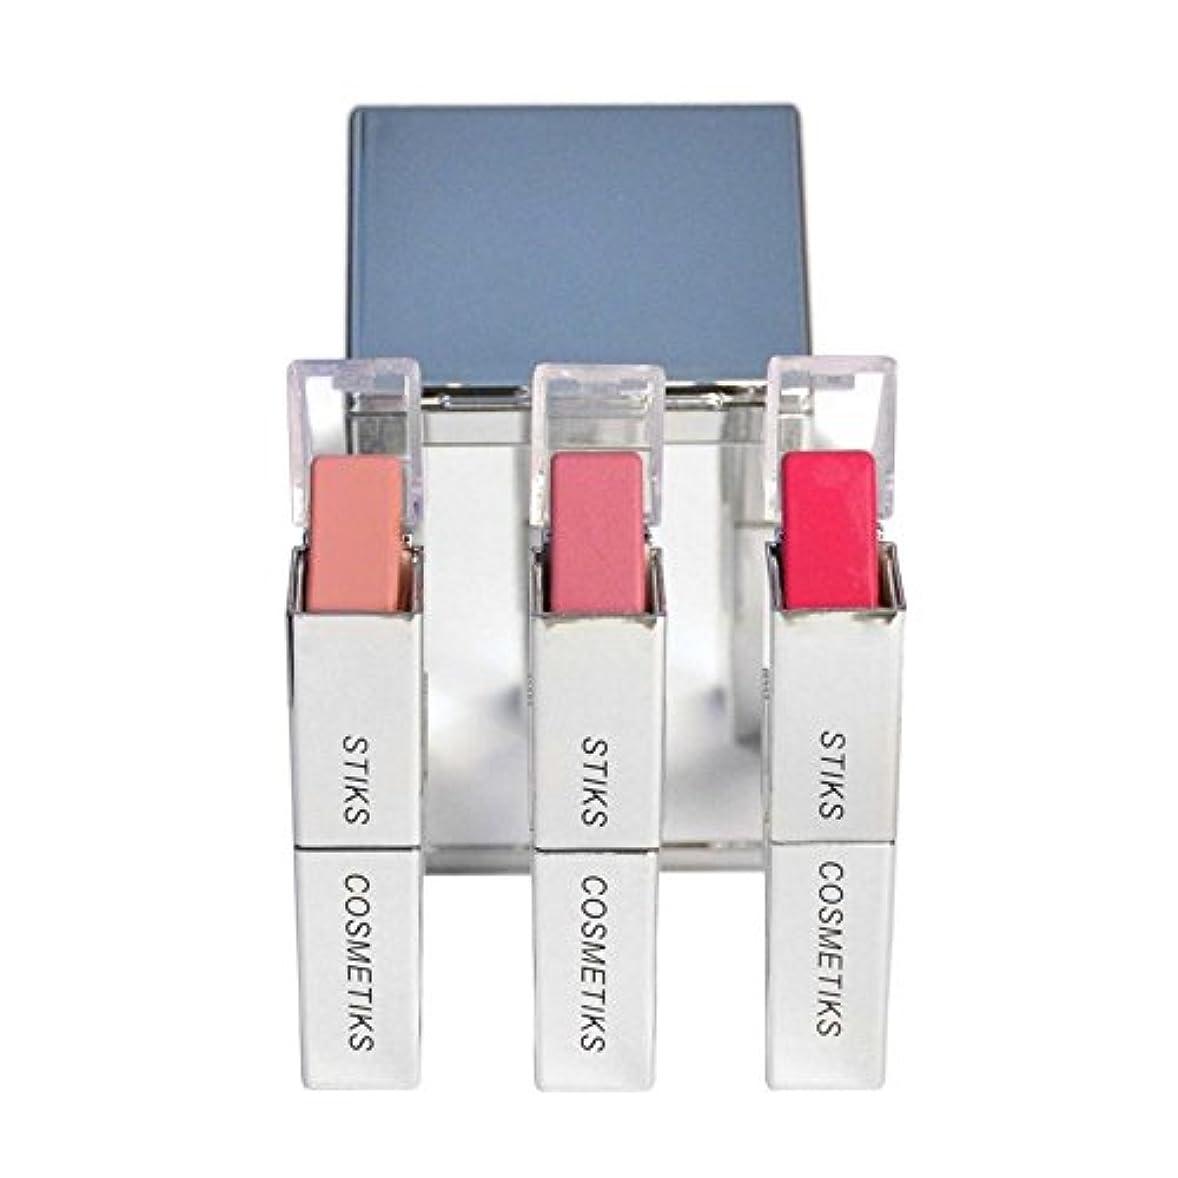 相互勧めるインデックスコレクション - ピンクを考えます x2 - STIKS Cosmetiks Collection - Think Pink (Pack of 2) [並行輸入品]